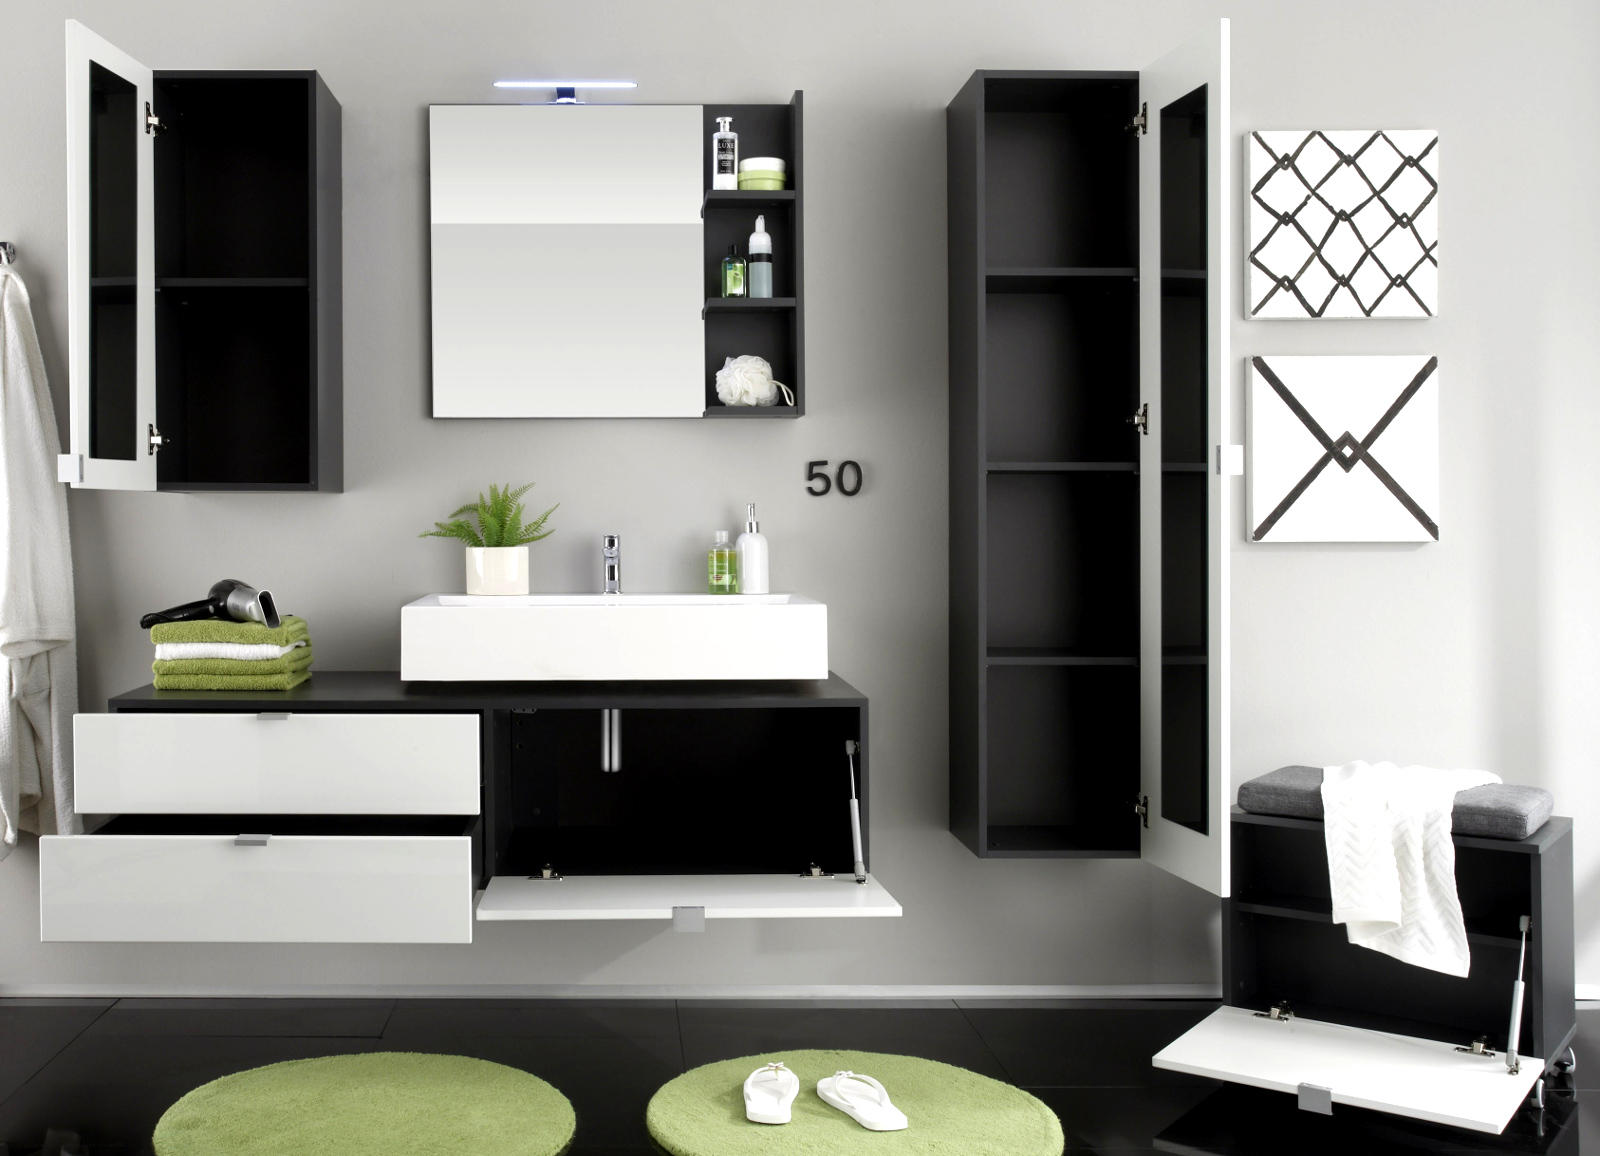 Badezimmer Hochschrank Hangend ~ Raum- Und Möbeldesign-inspiration Badezimmer Wei Grau